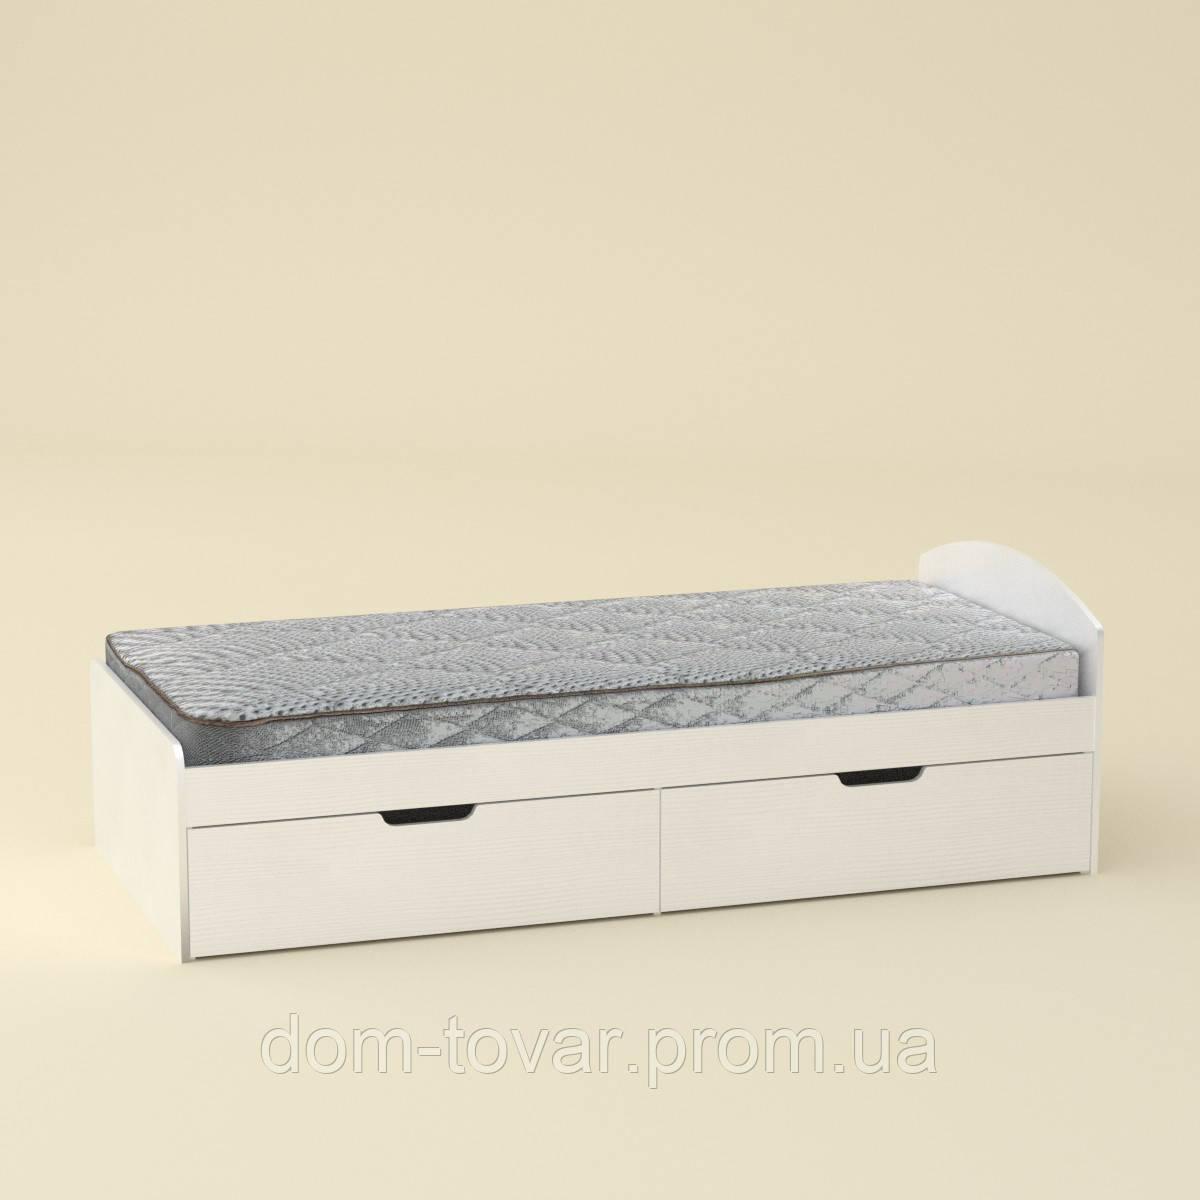 Кровать односпальная 90+2 компанит